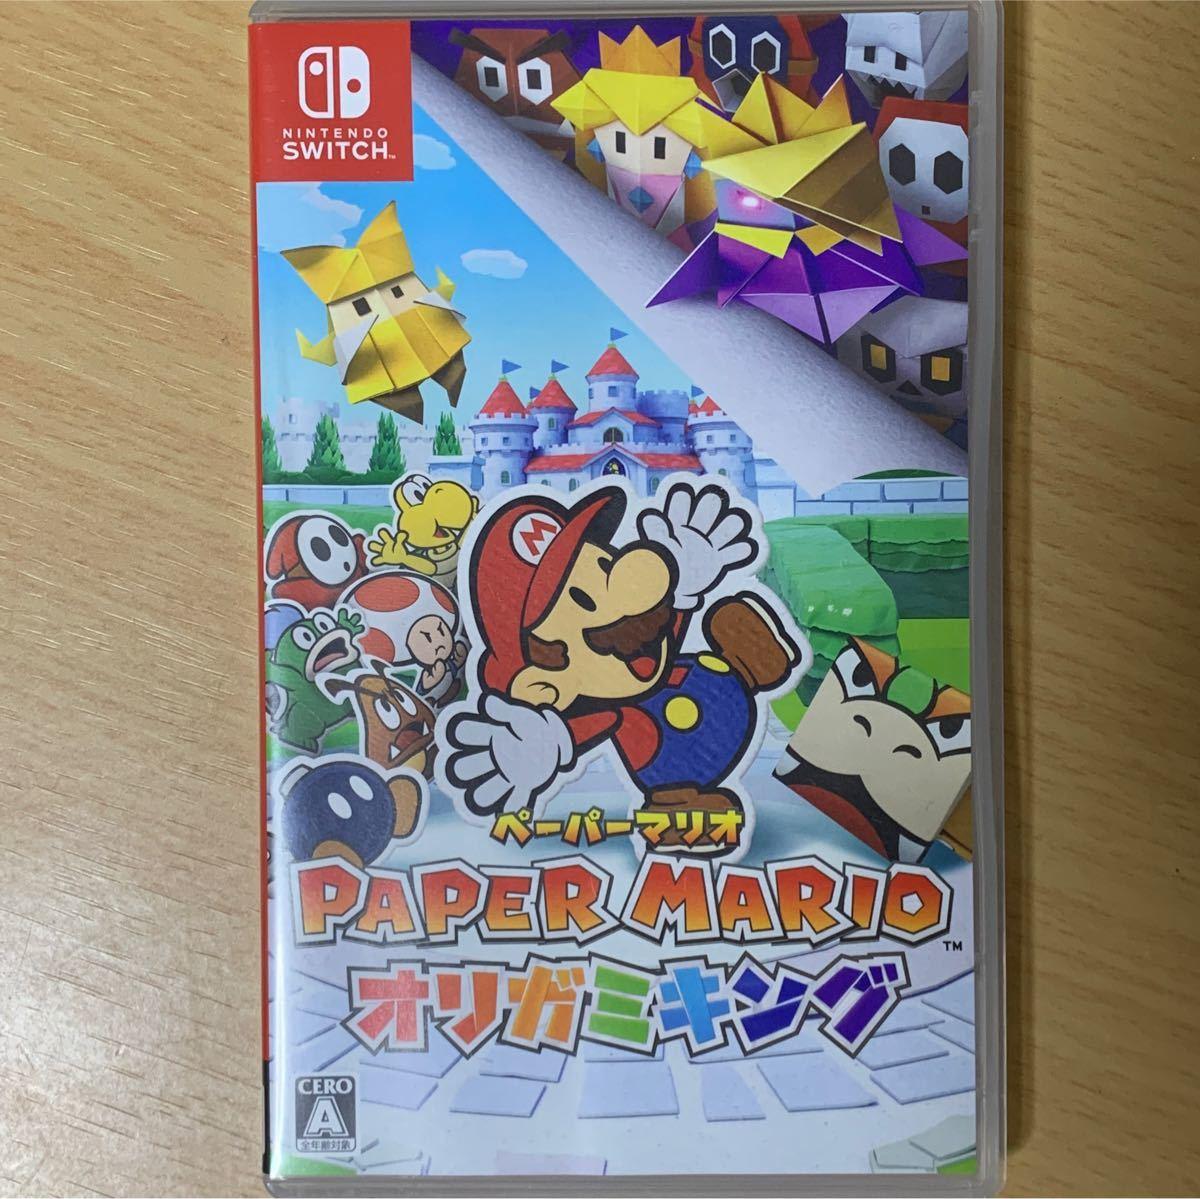 Nintendo Switch ペーパーマリオオリガミキング Switch ニンテンドースイッチ